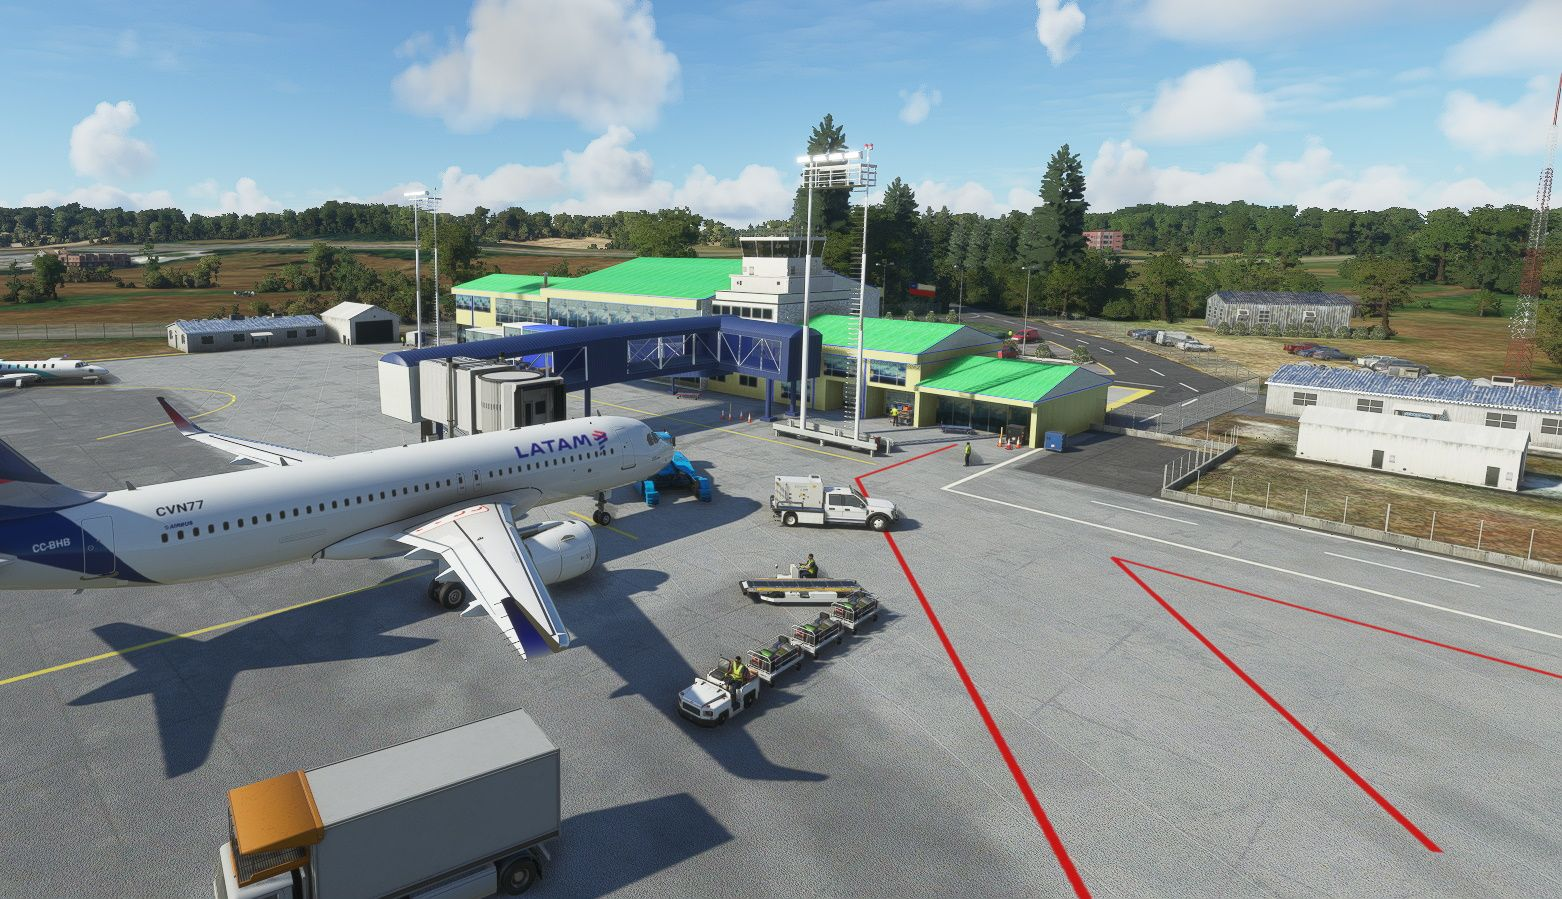 MSFS SCJO Cañal Bajo Carlos Hott Siebert Airport